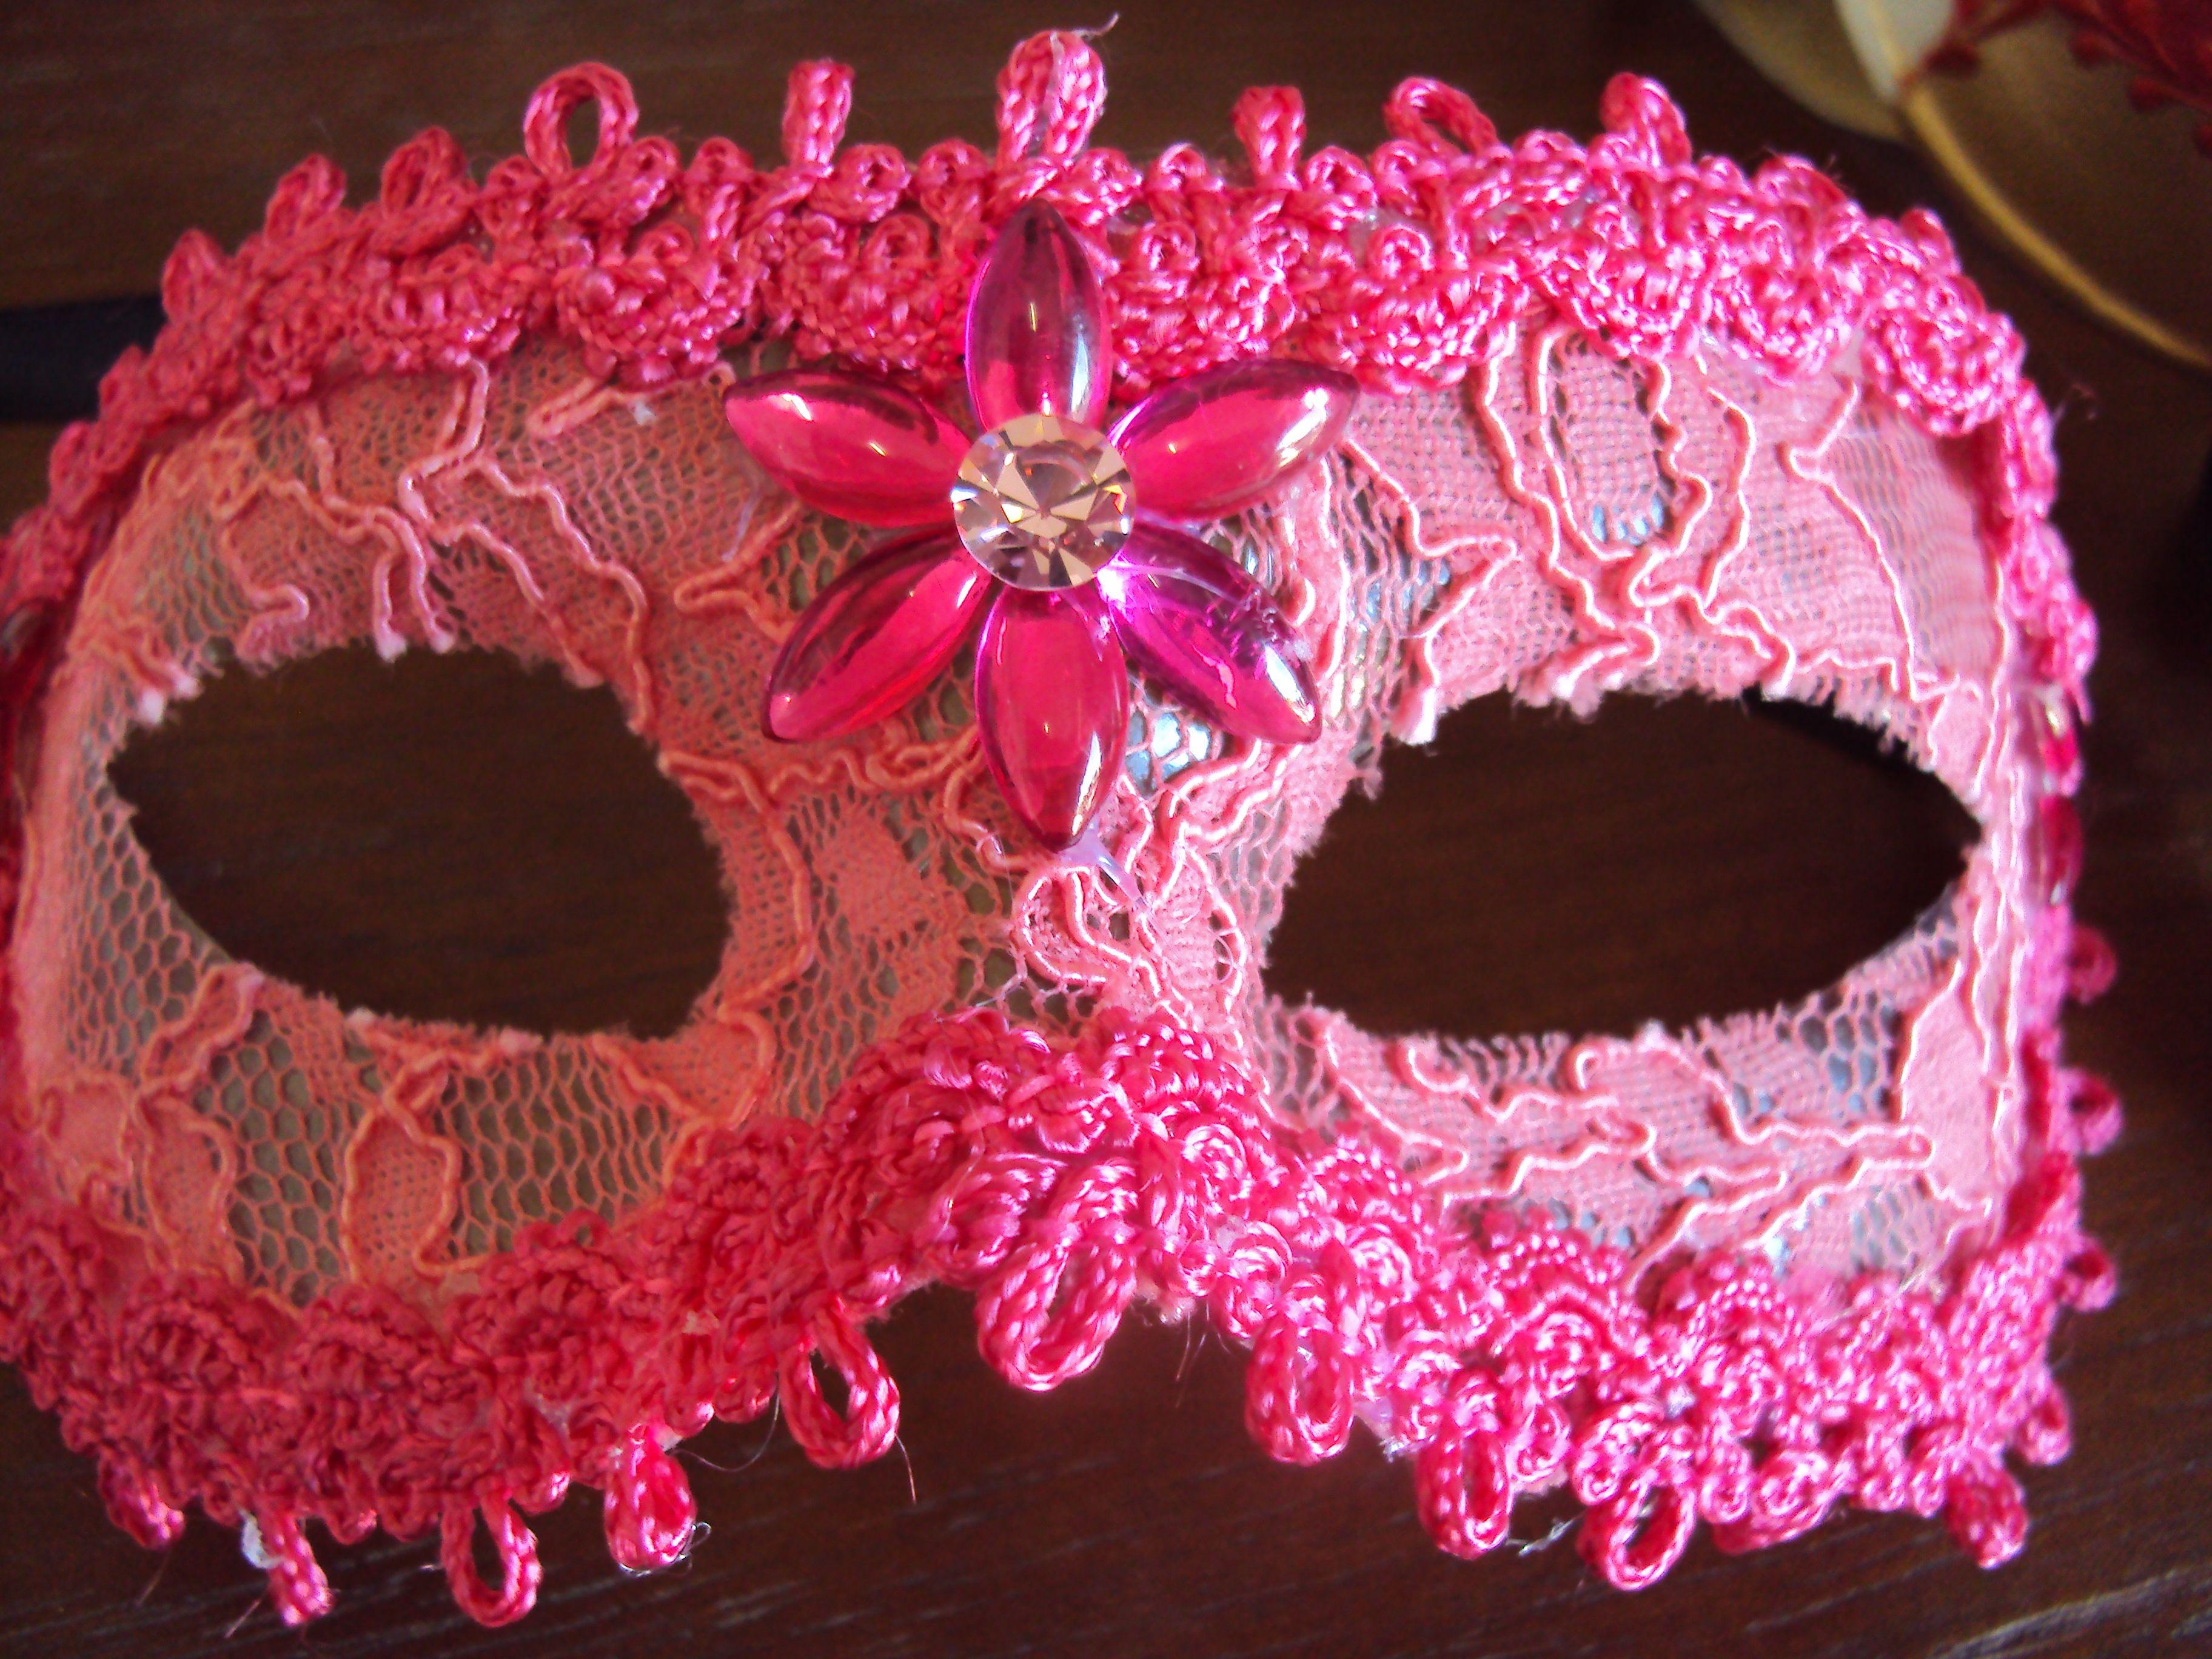 Mascaras de carnaval de veneza the - Mascaras para carnaval ...